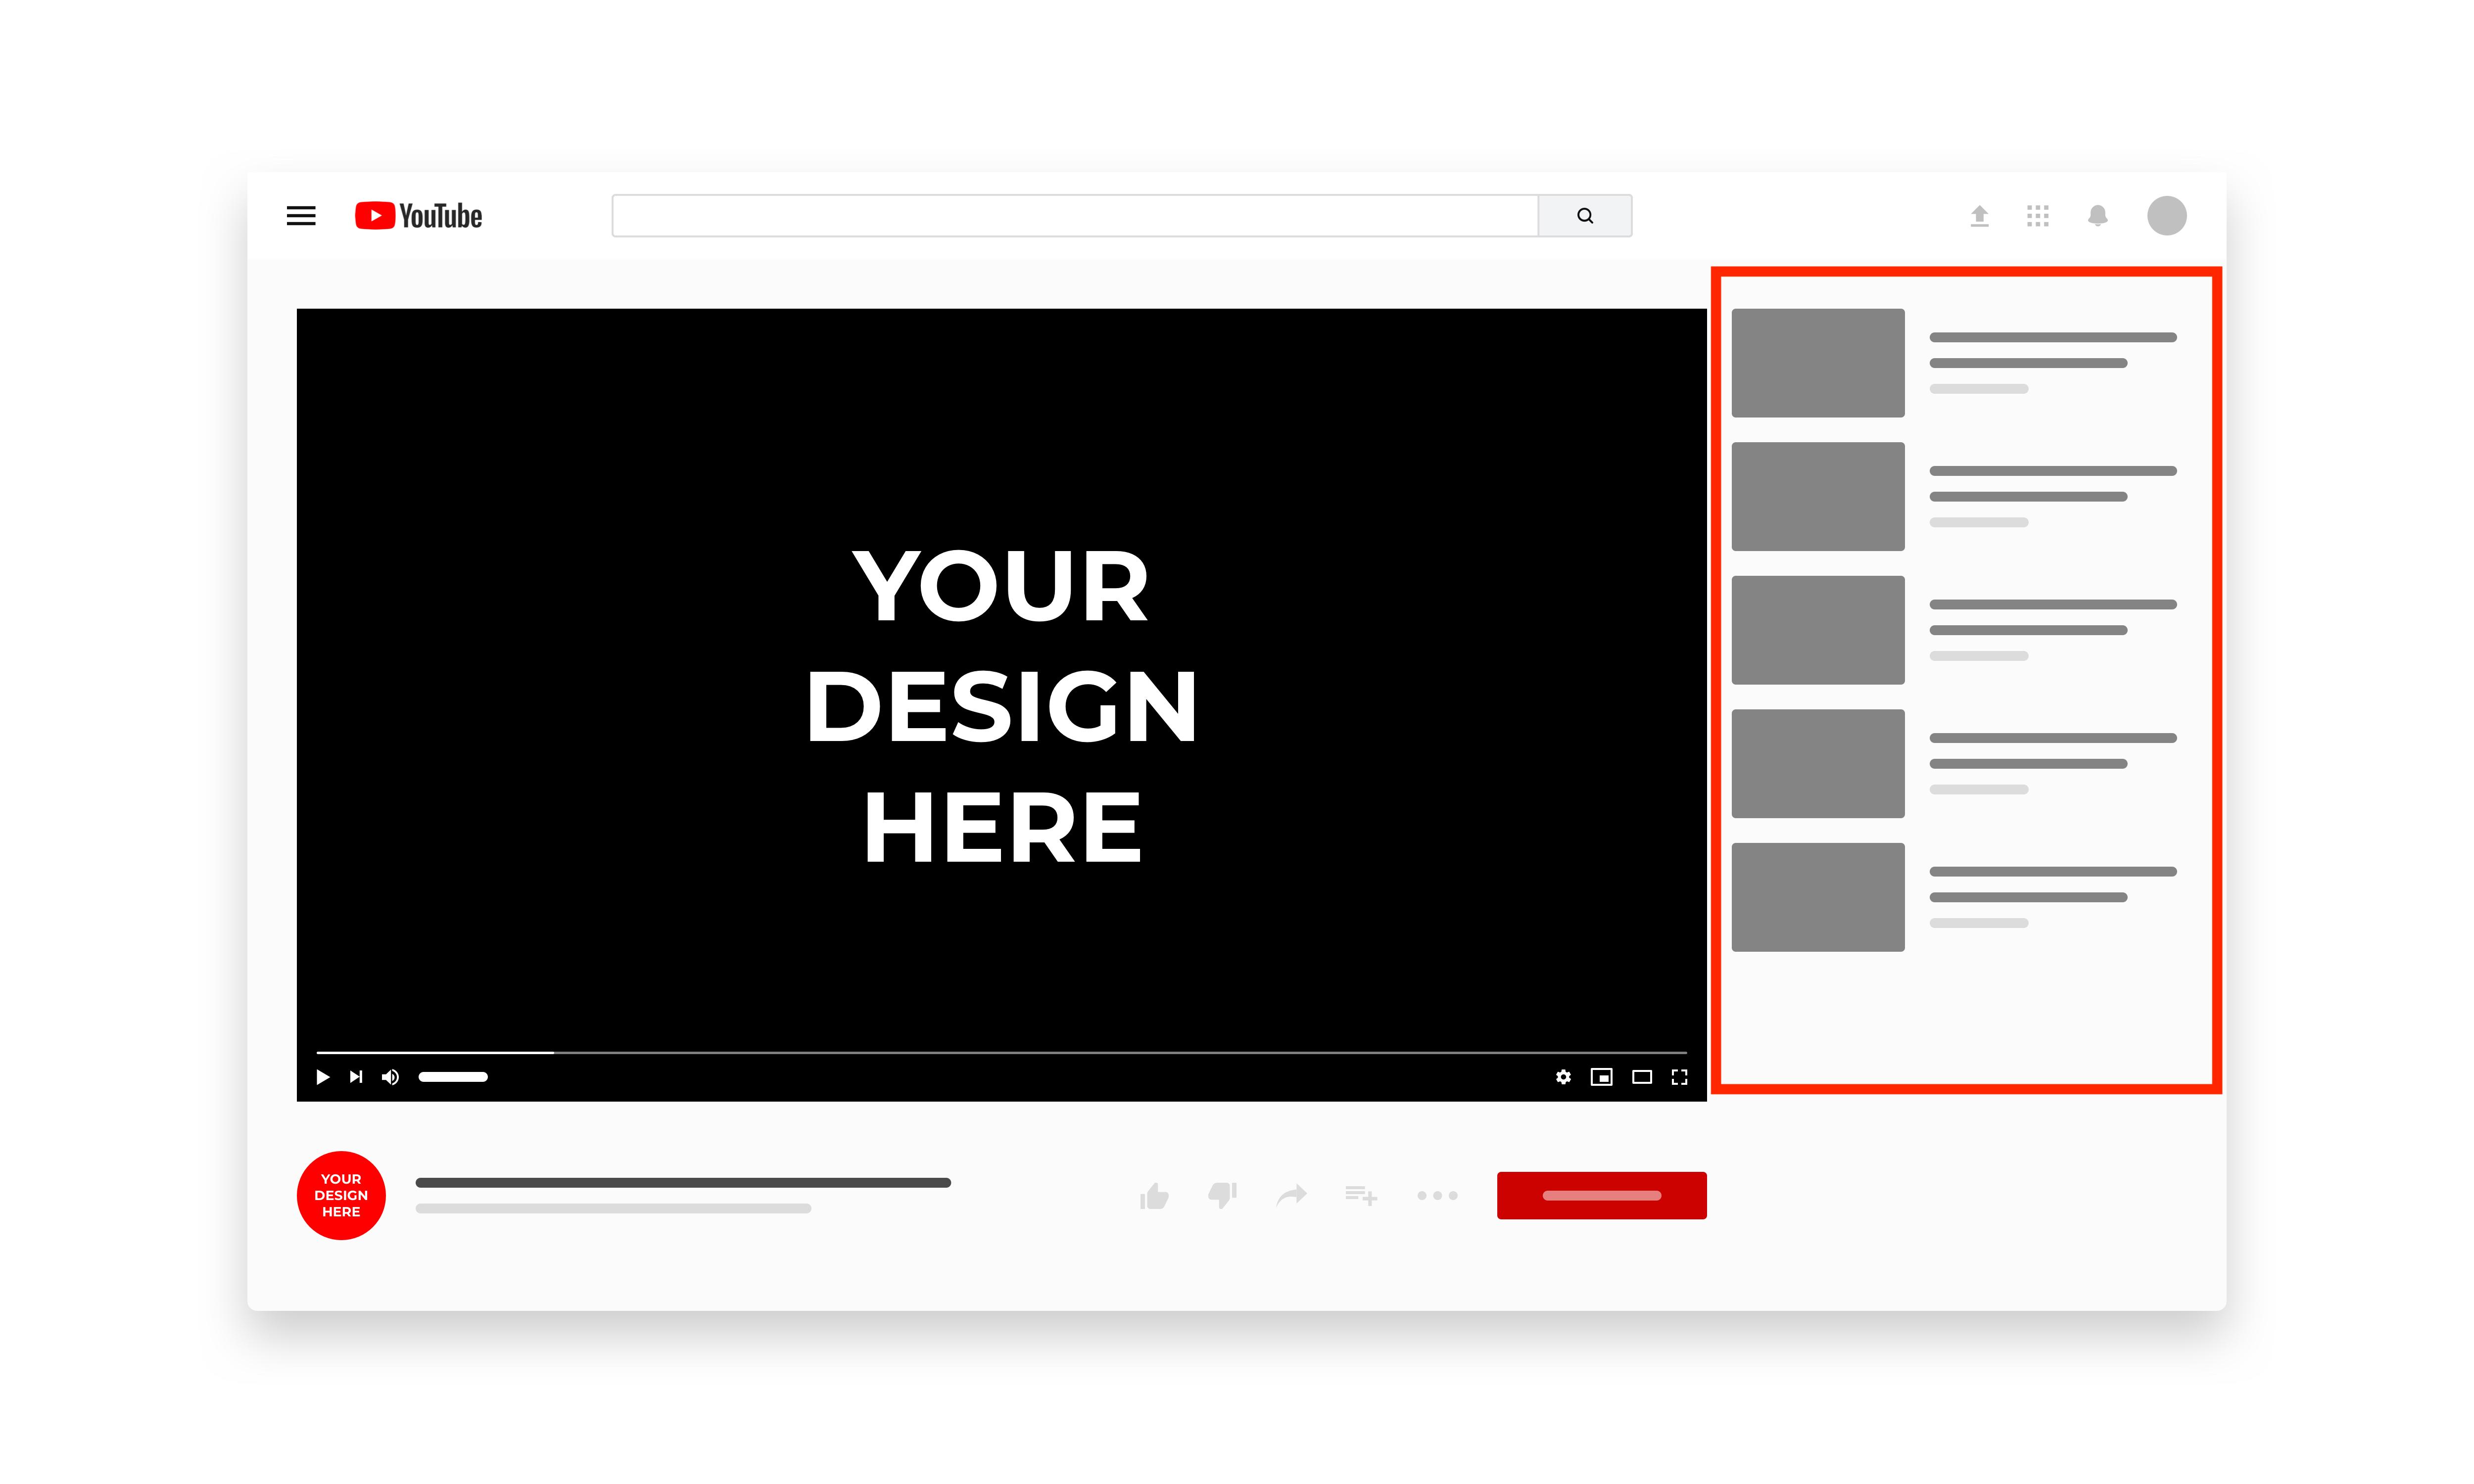 Vorgeschlagene Videos im YouTube Design. Immer rechts des Videos.